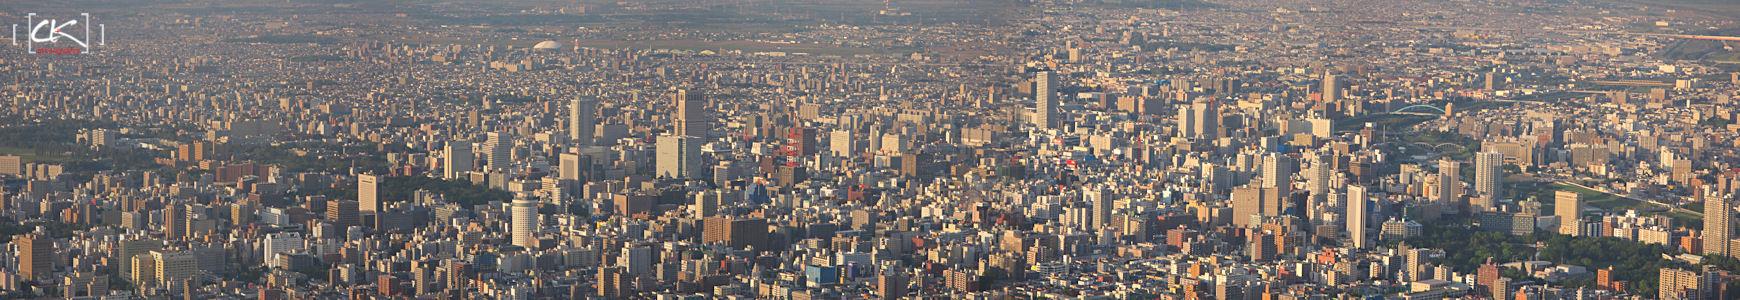 Japan_0899